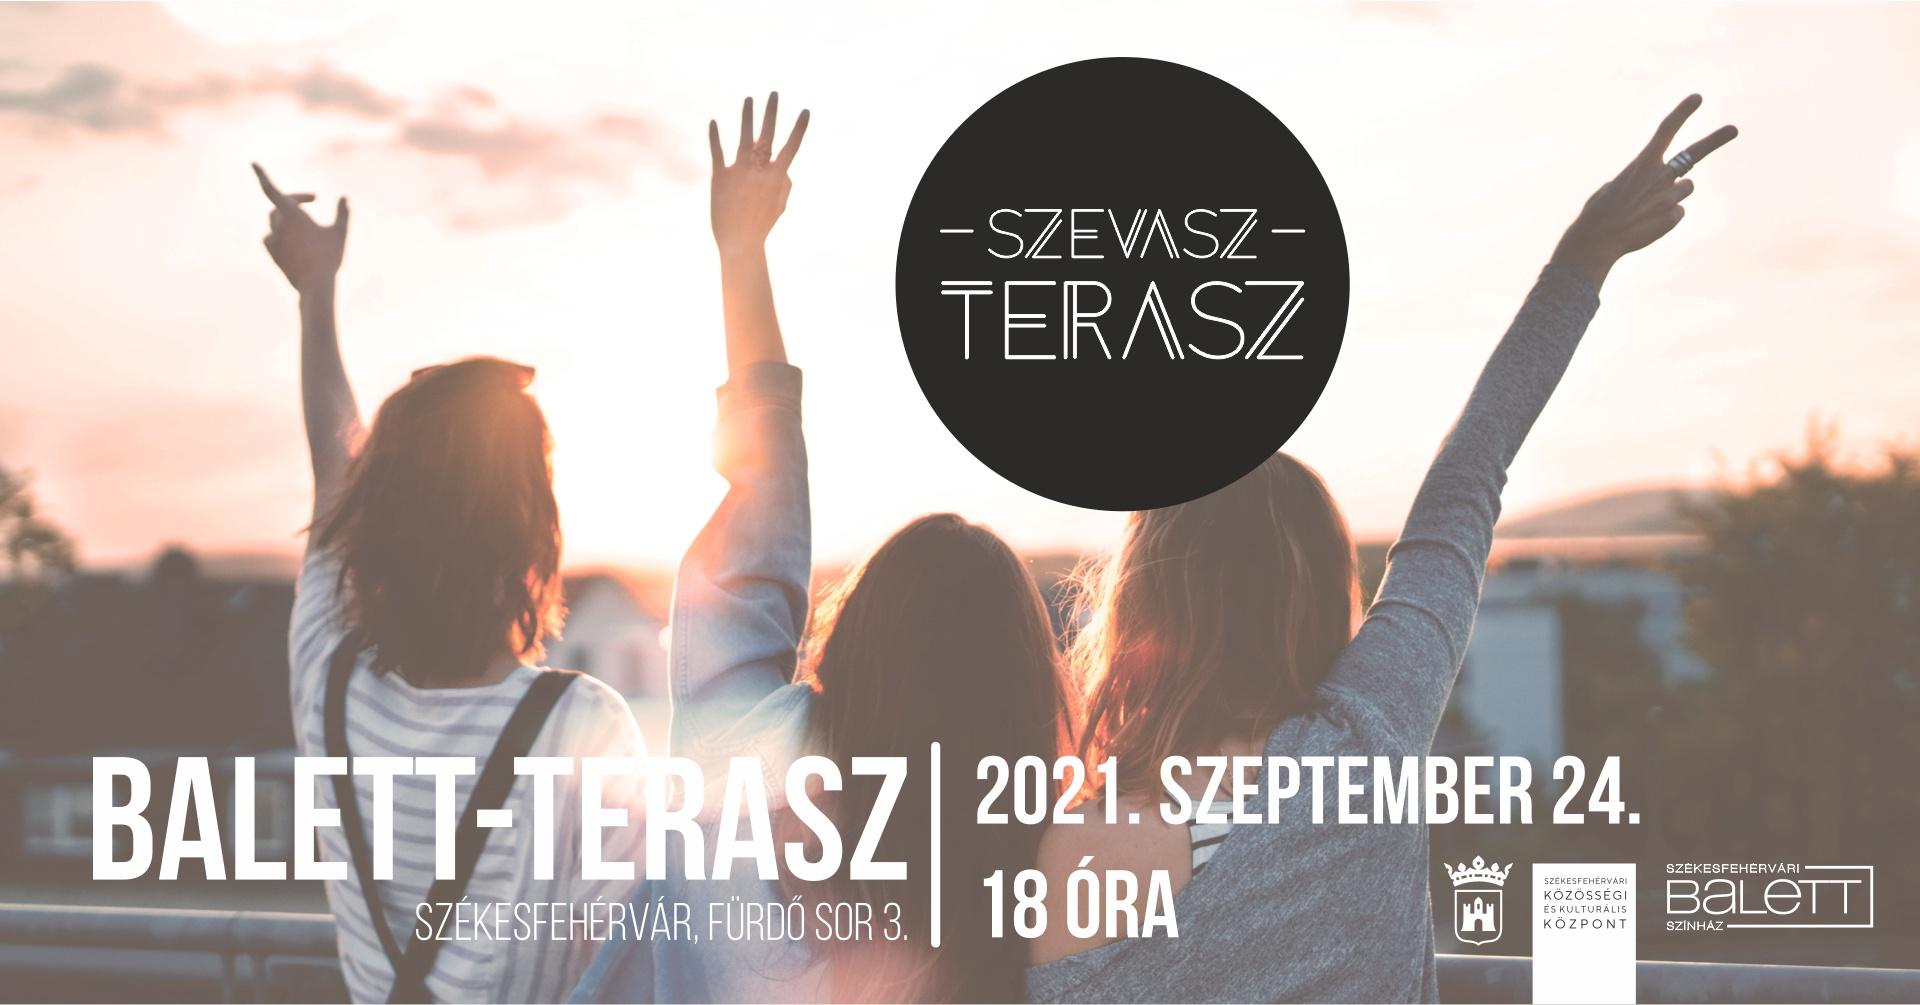 Szevasz, terasz! @ Székesfehérvári Közösségi és Kulturális Központ